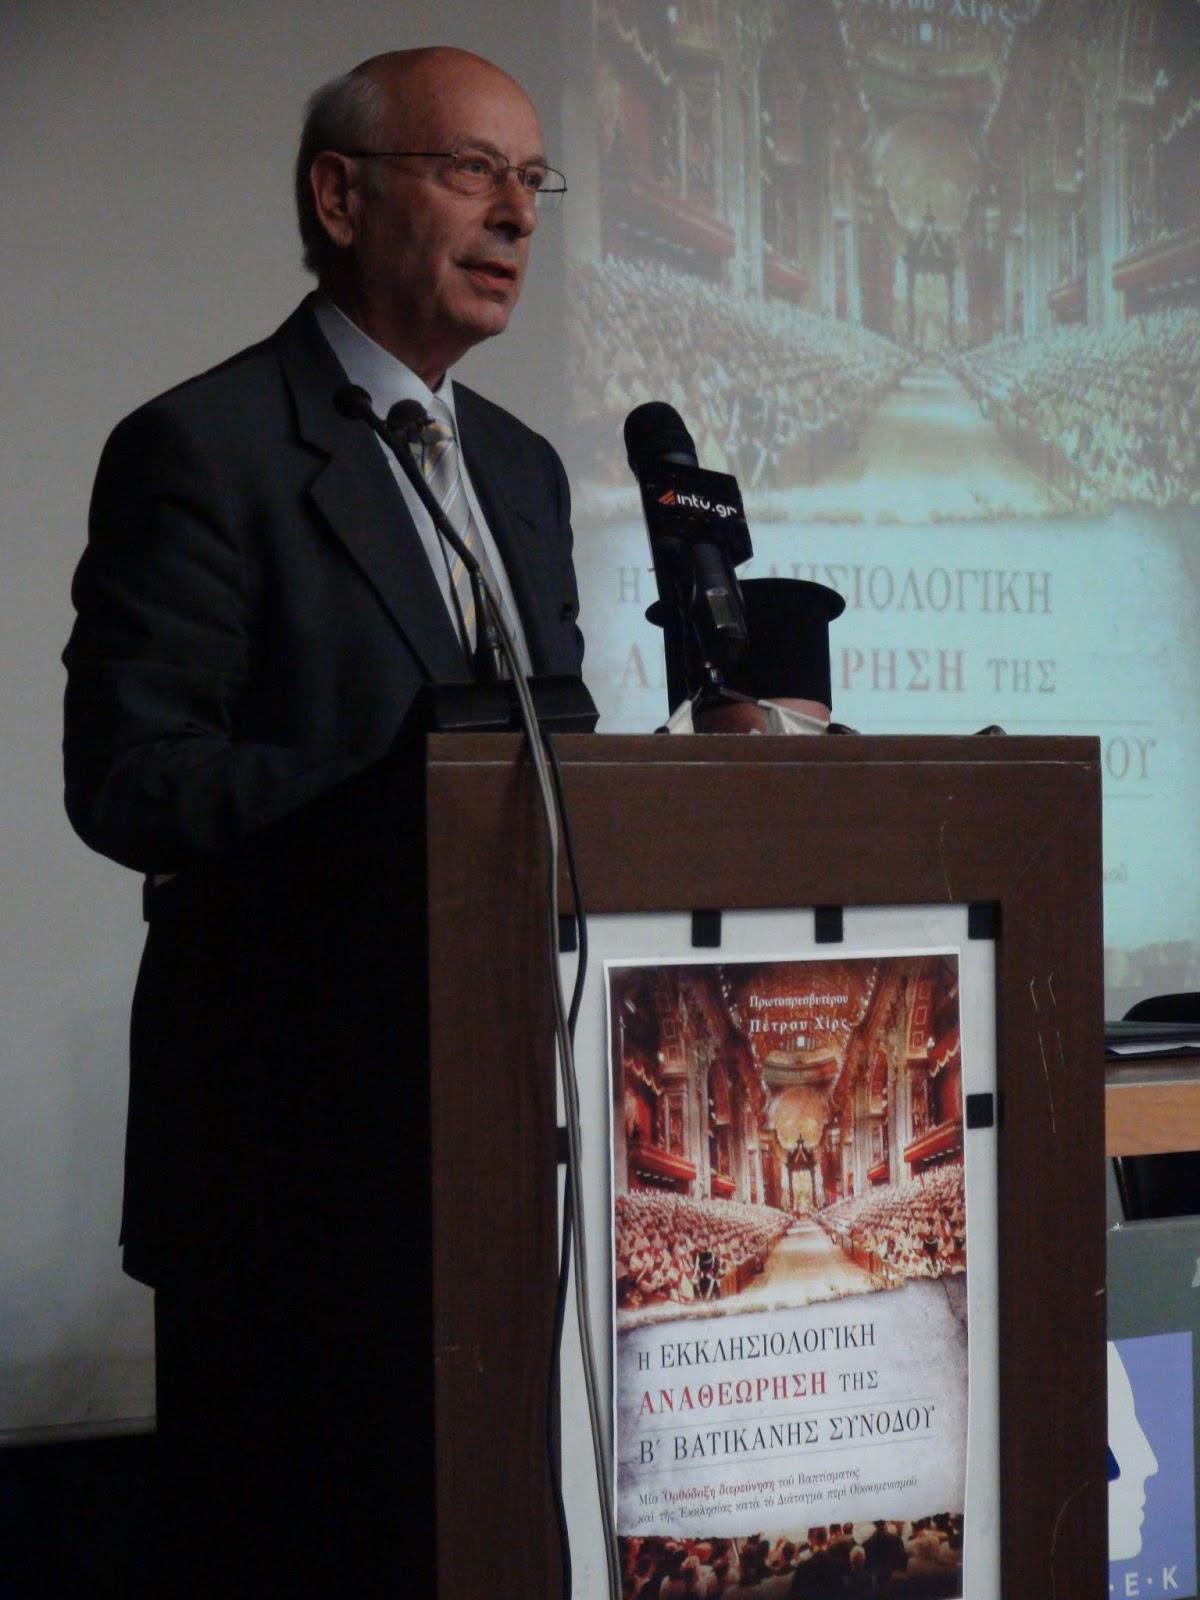 κ. Δημ. Τσελεγγίδης: «Eπιχειρείται θεσμική νομιμοποίηση του συγκρητισμού-οικουμενισμού από την Μεγά